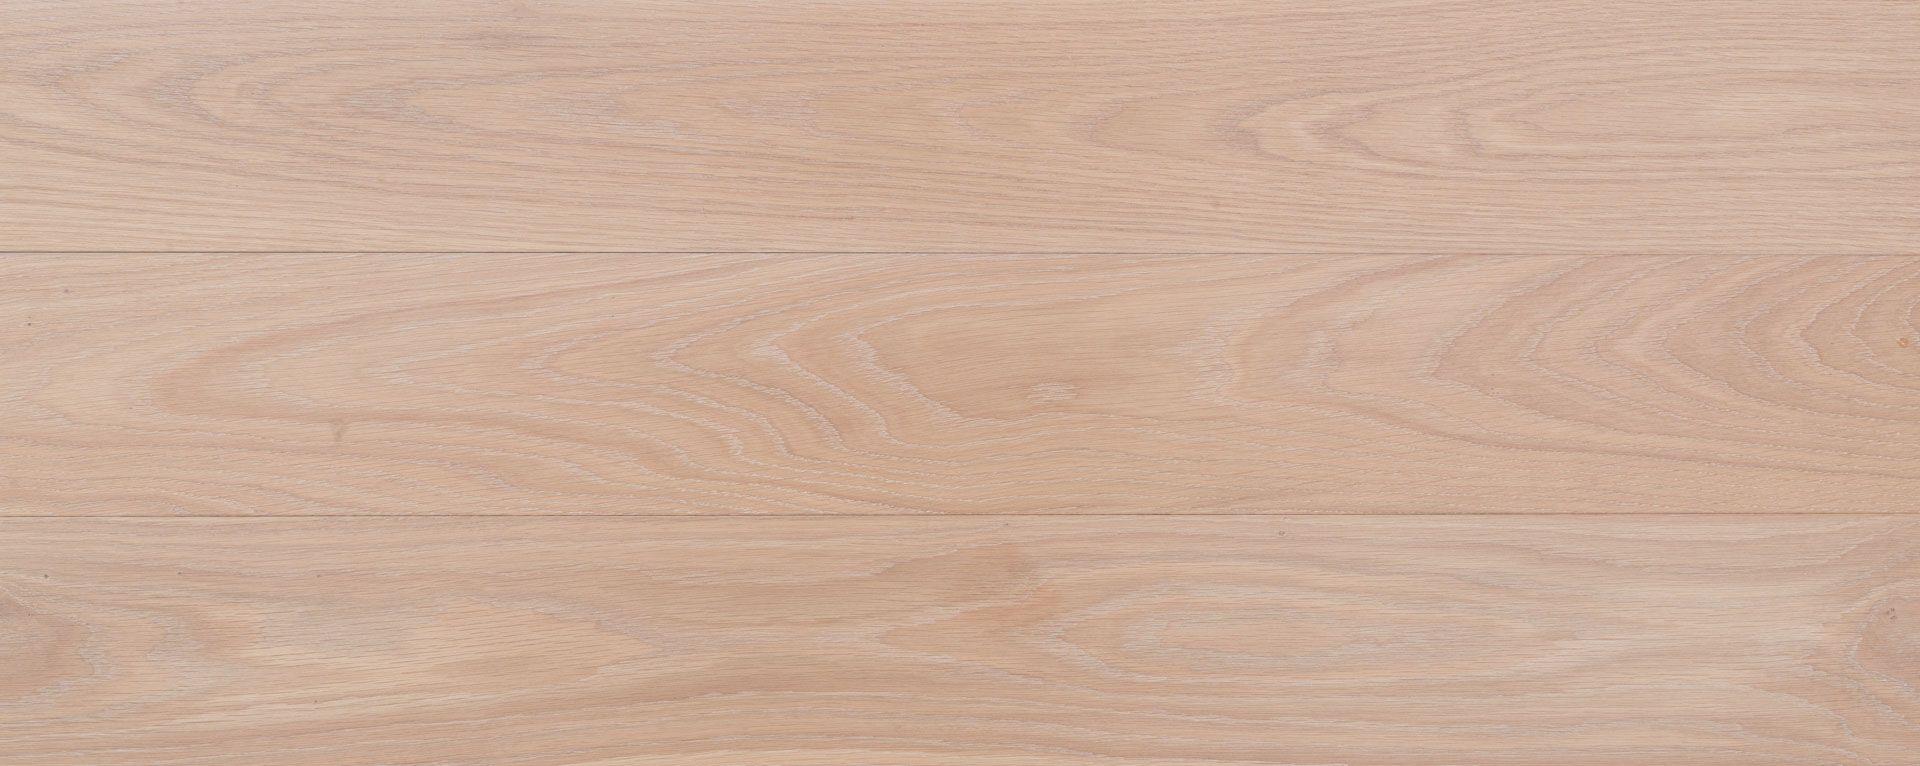 Jetzt Neu Echtholzdielen Aus Der Pure Nordic Collection Mit Oberflache Whitewashed 100 Voc Frei Europaische Eiche Made In Aust Holzdielen Holz Und Massivholzdielen